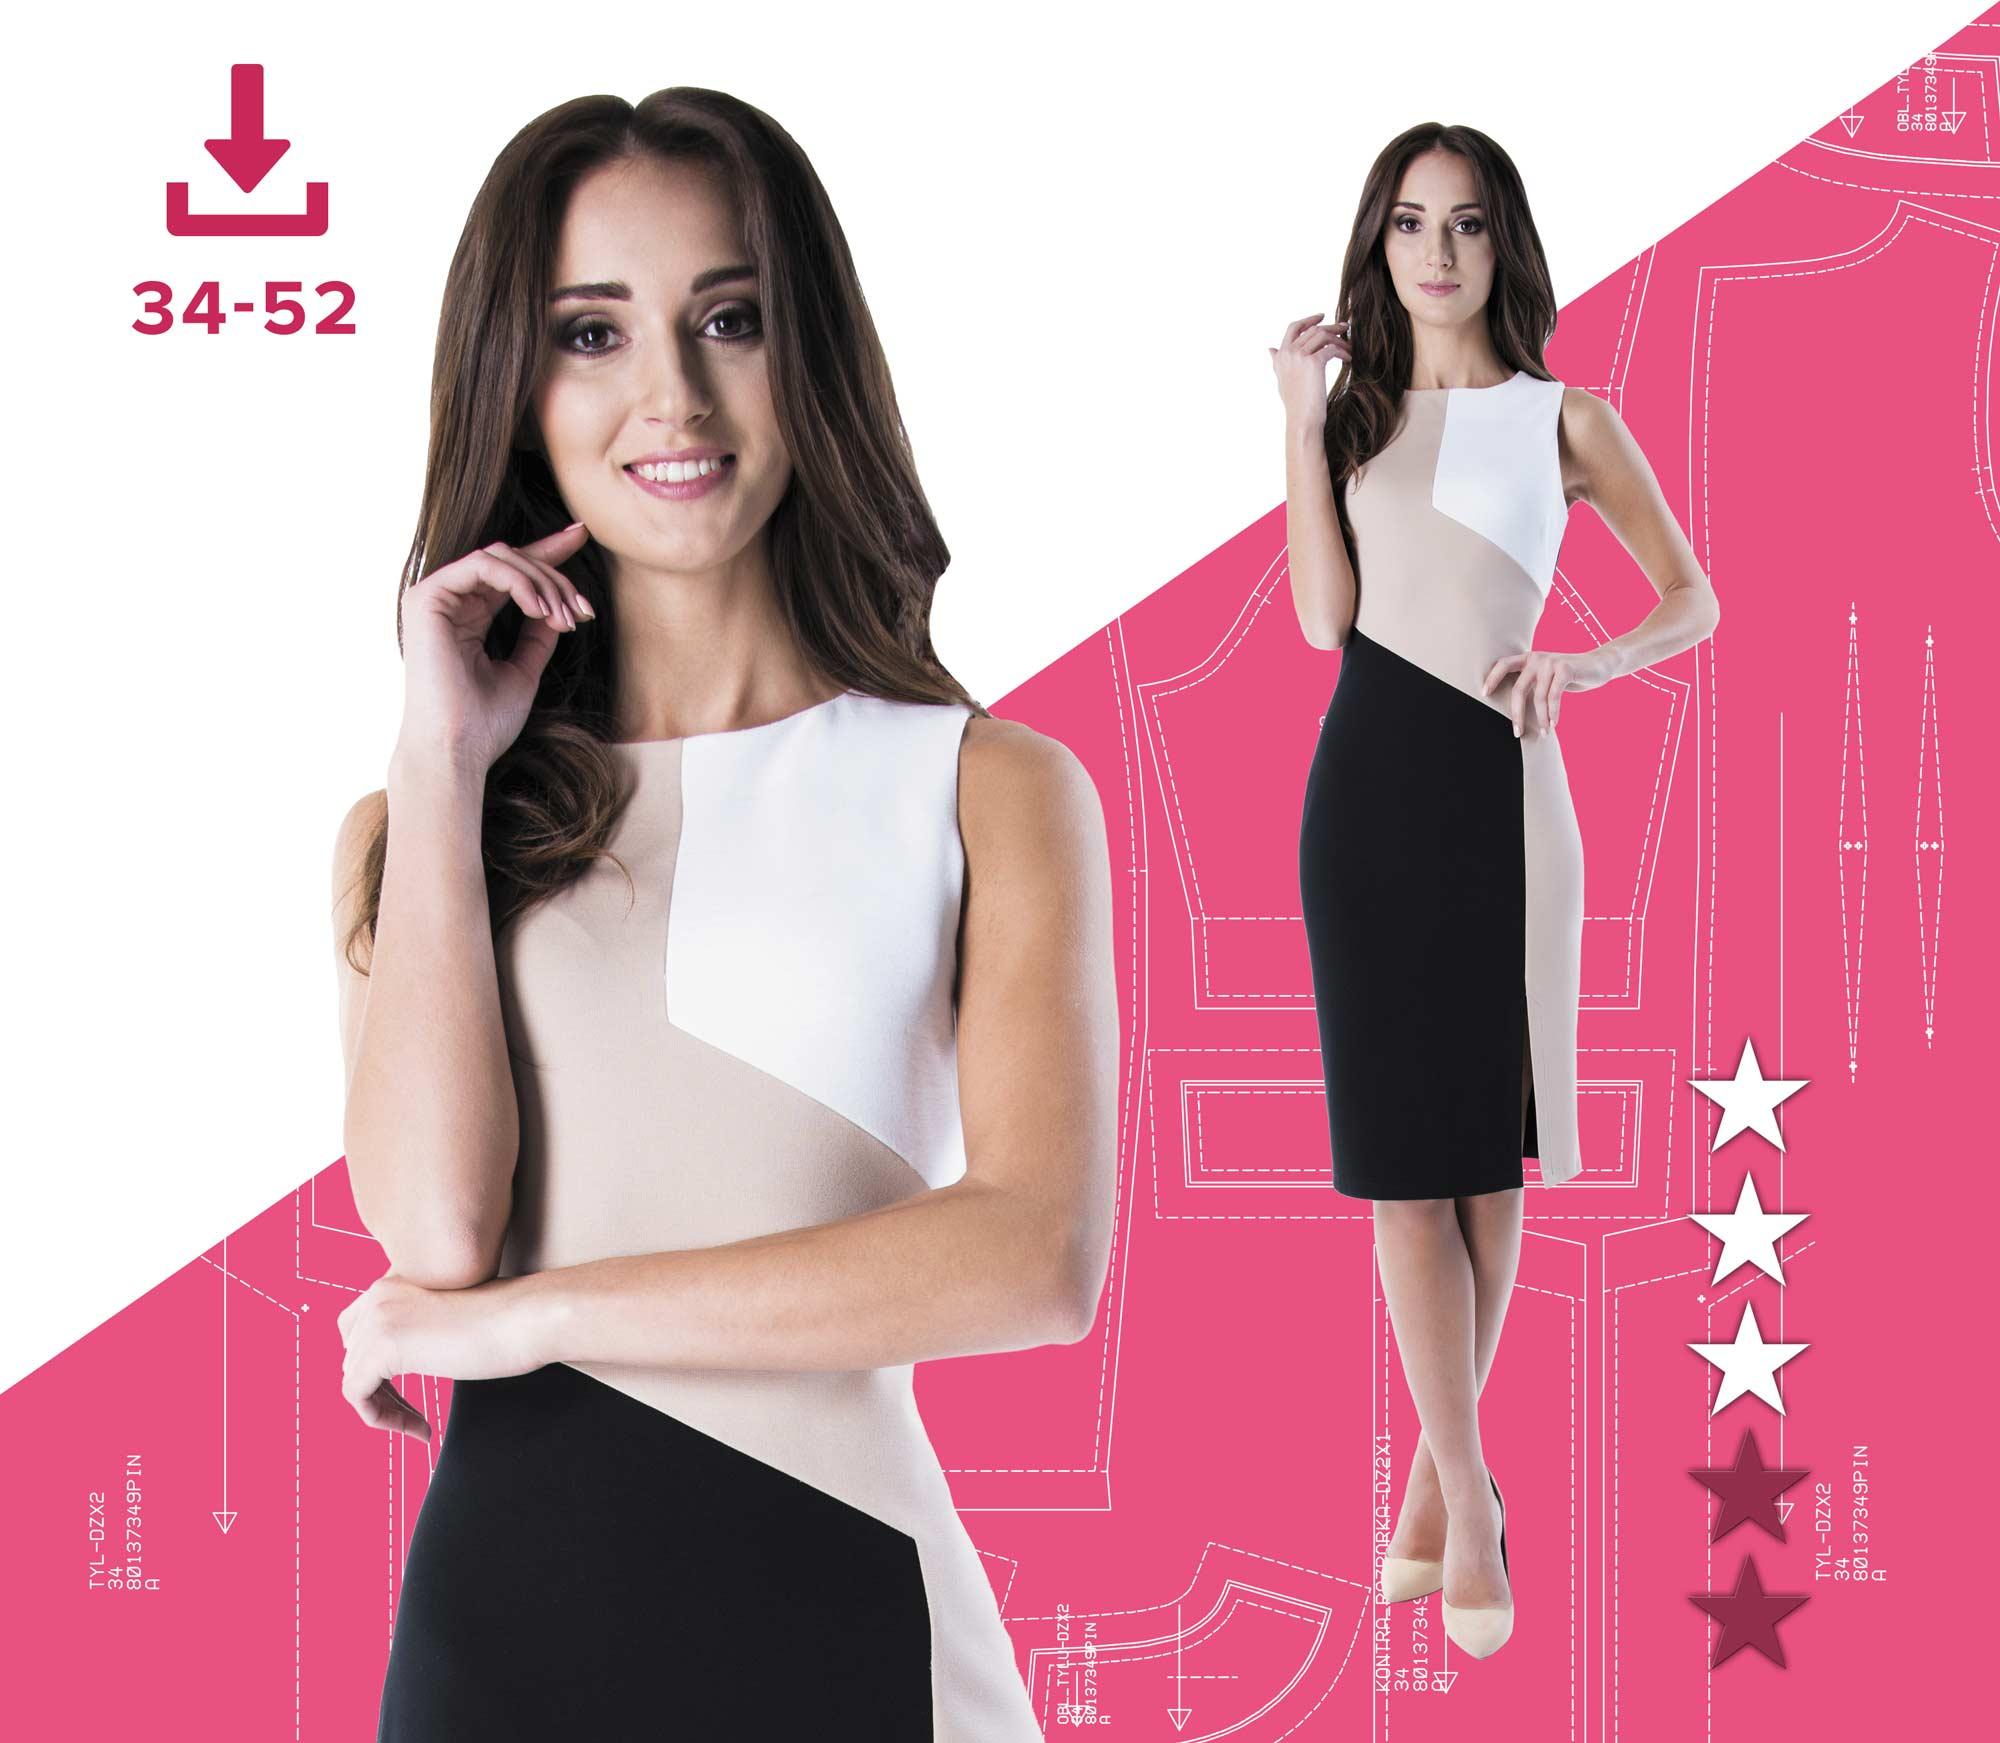 3e893ac6 Sukienka ANGELIKA 34-52 (80137356) plik A4 | Pinsola